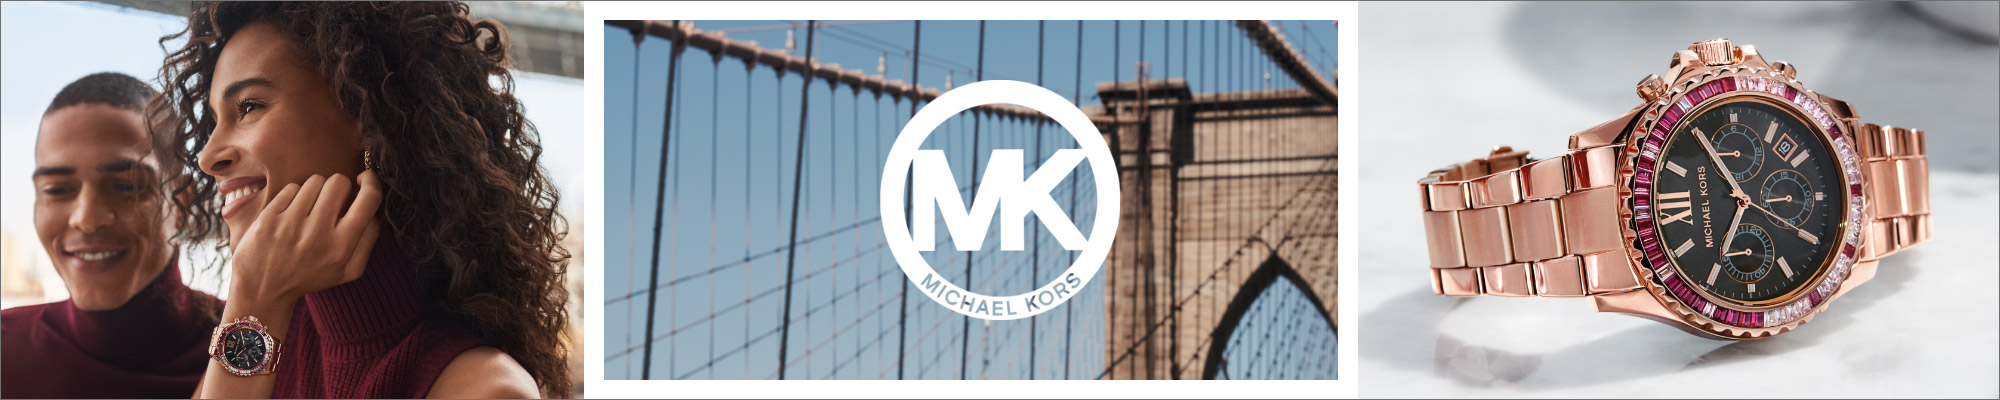 Michael Kors 2021 collection